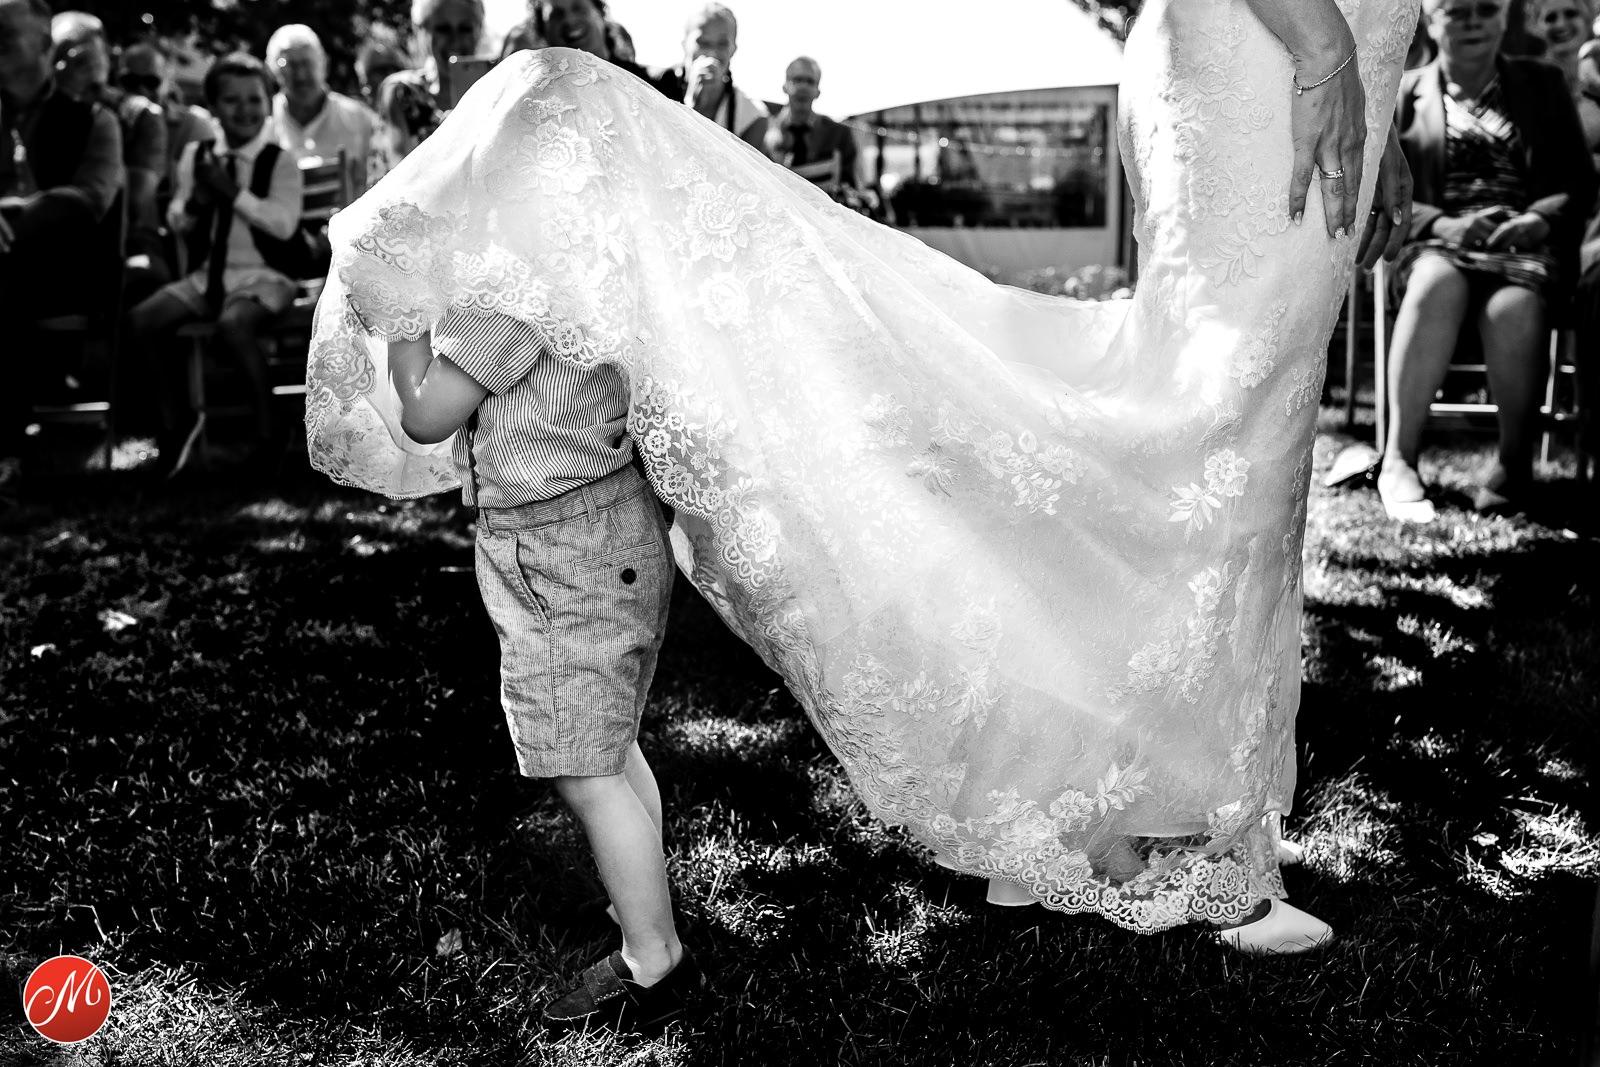 Zwart wit foto van jongen die onder de jurk van de bruid kruipt